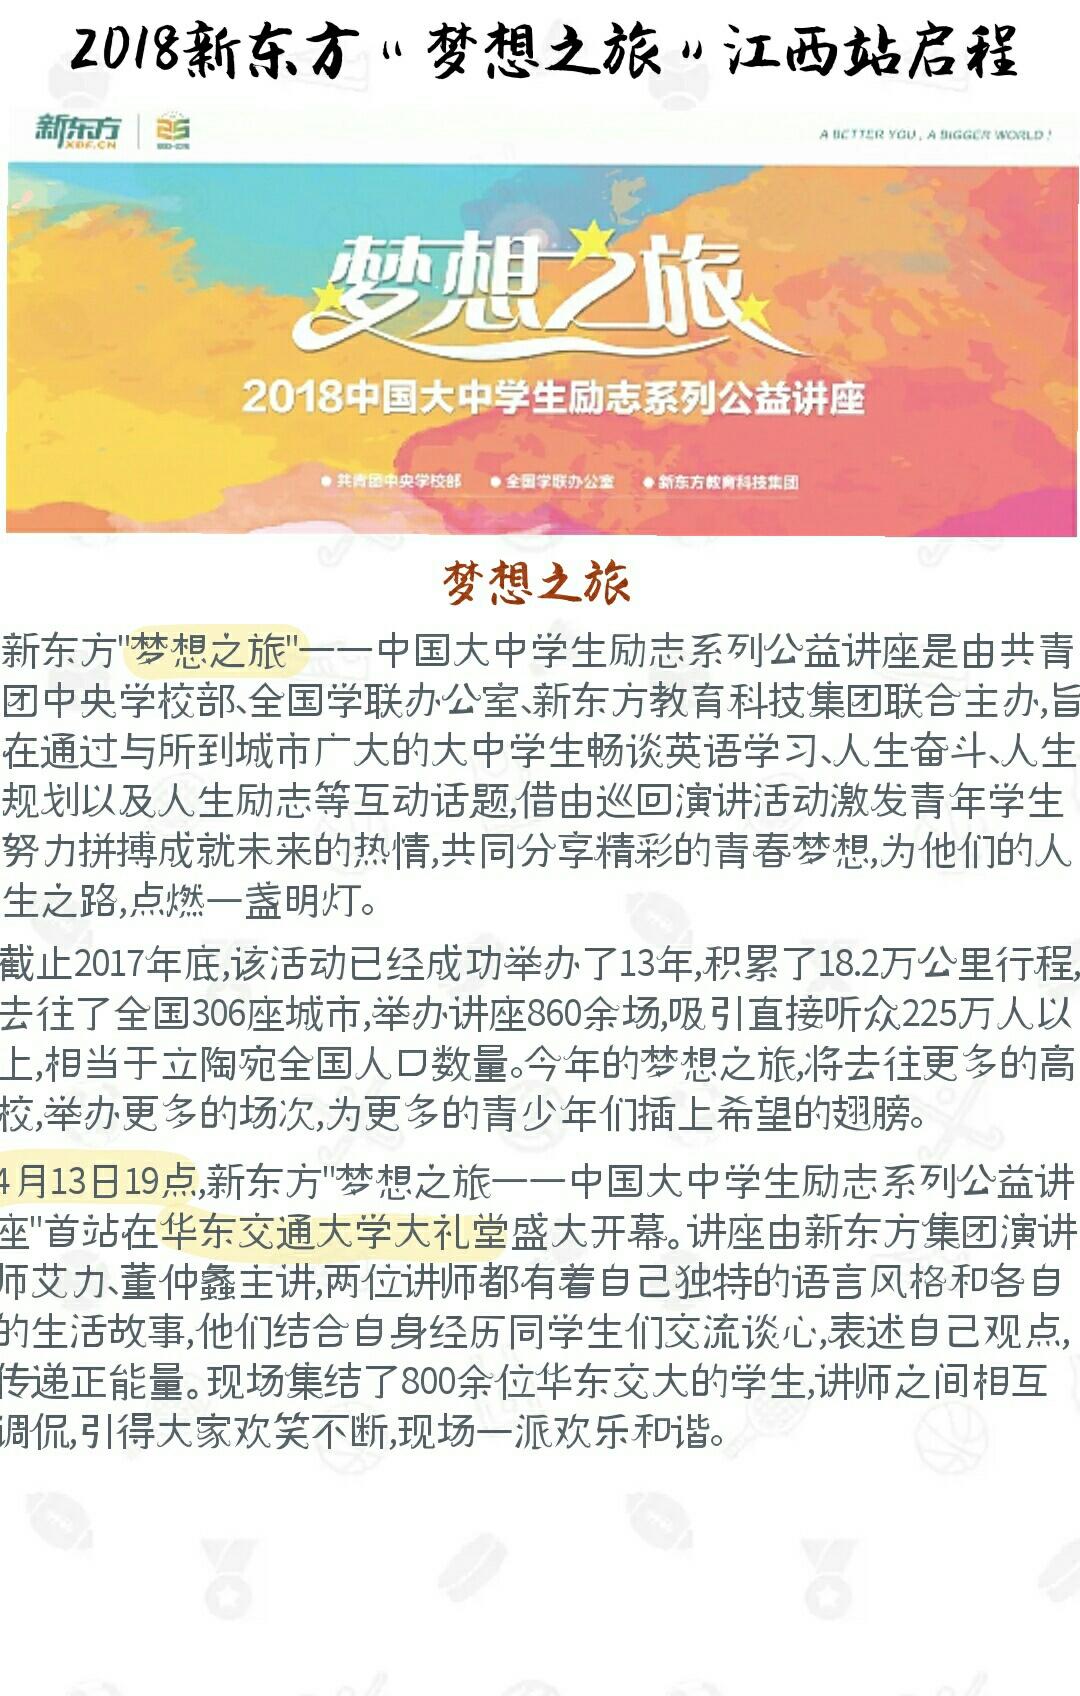 2018新东方梦想之旅江西站启航